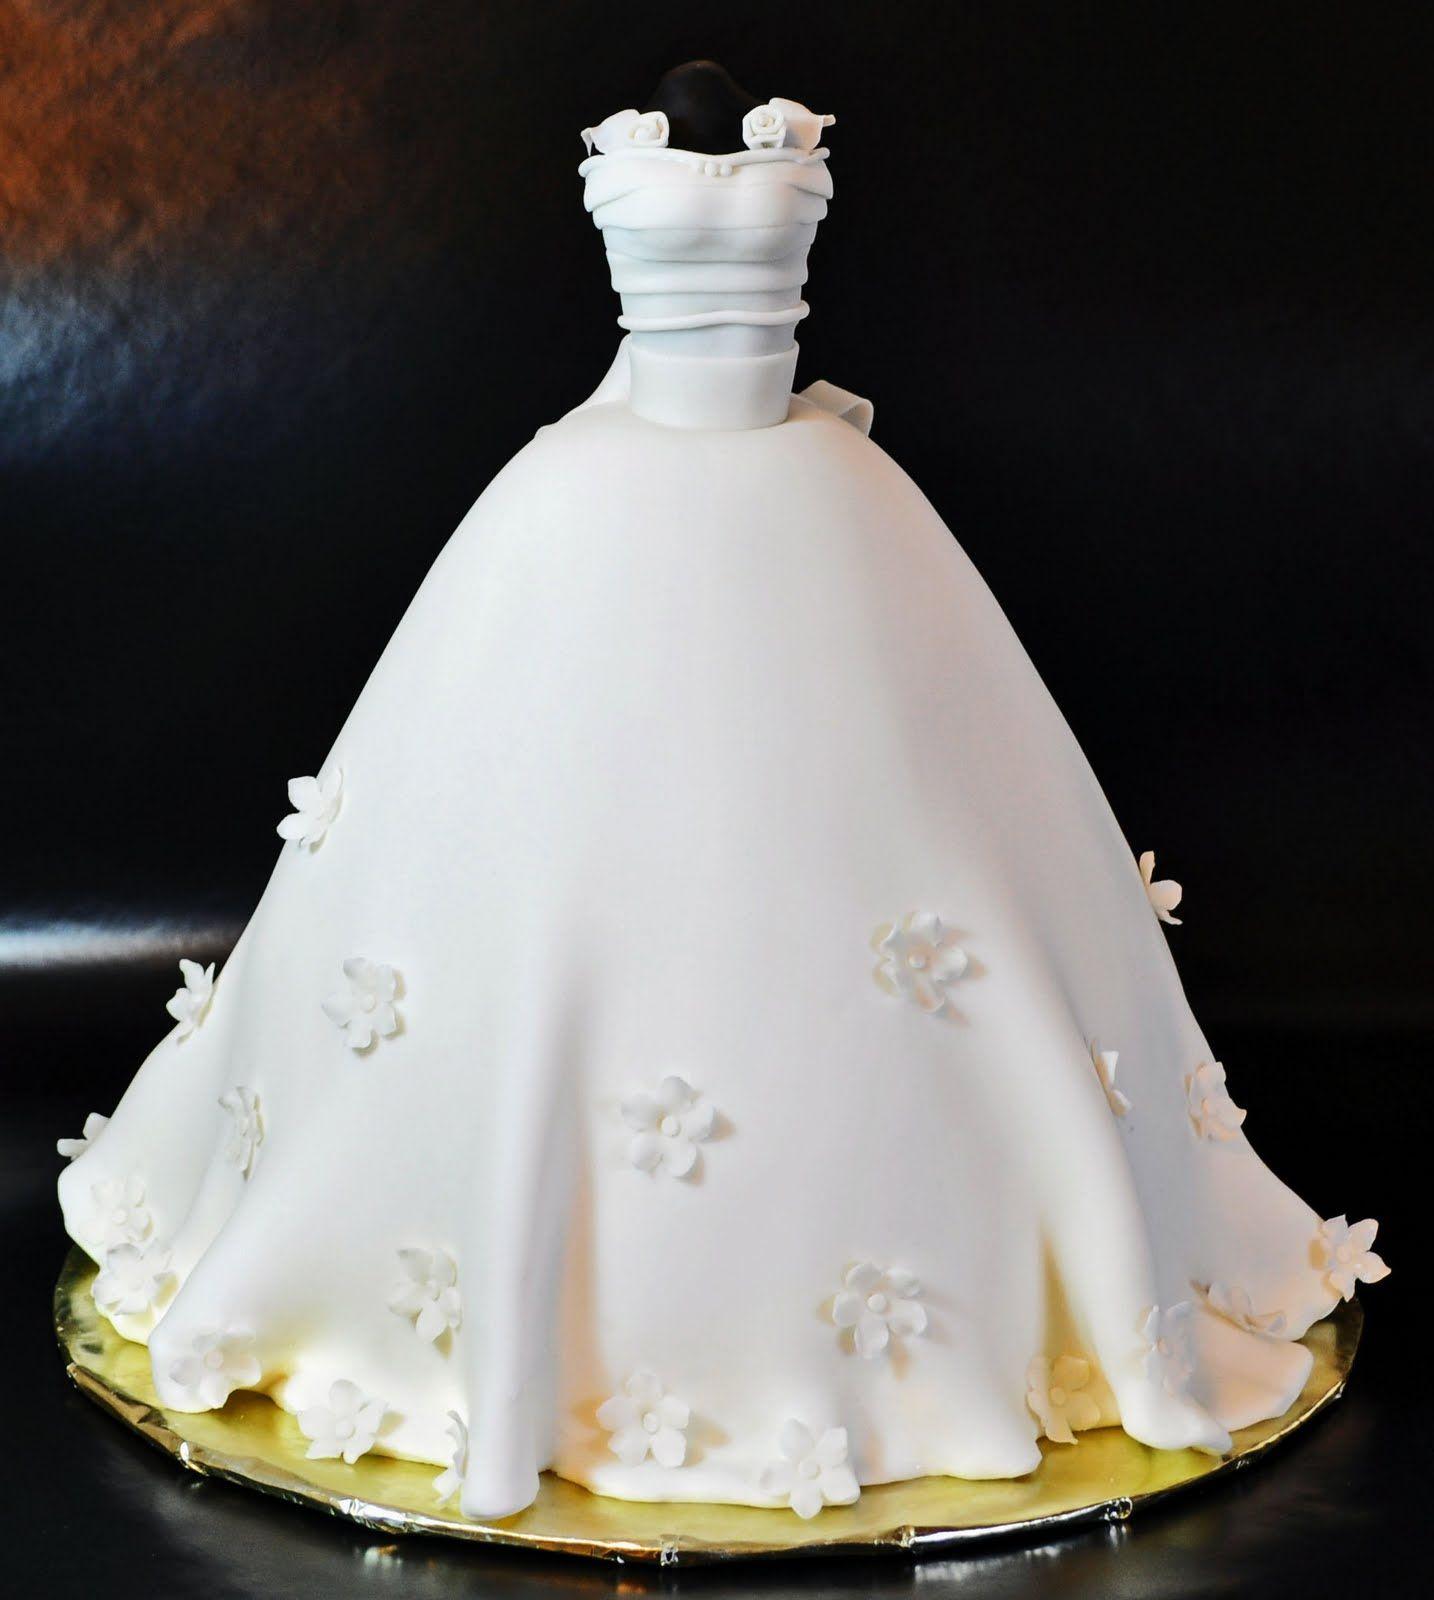 How To Make A Wedding Dresses.Cake Made Like A Wedding Dress How To Make A 3d Wedding